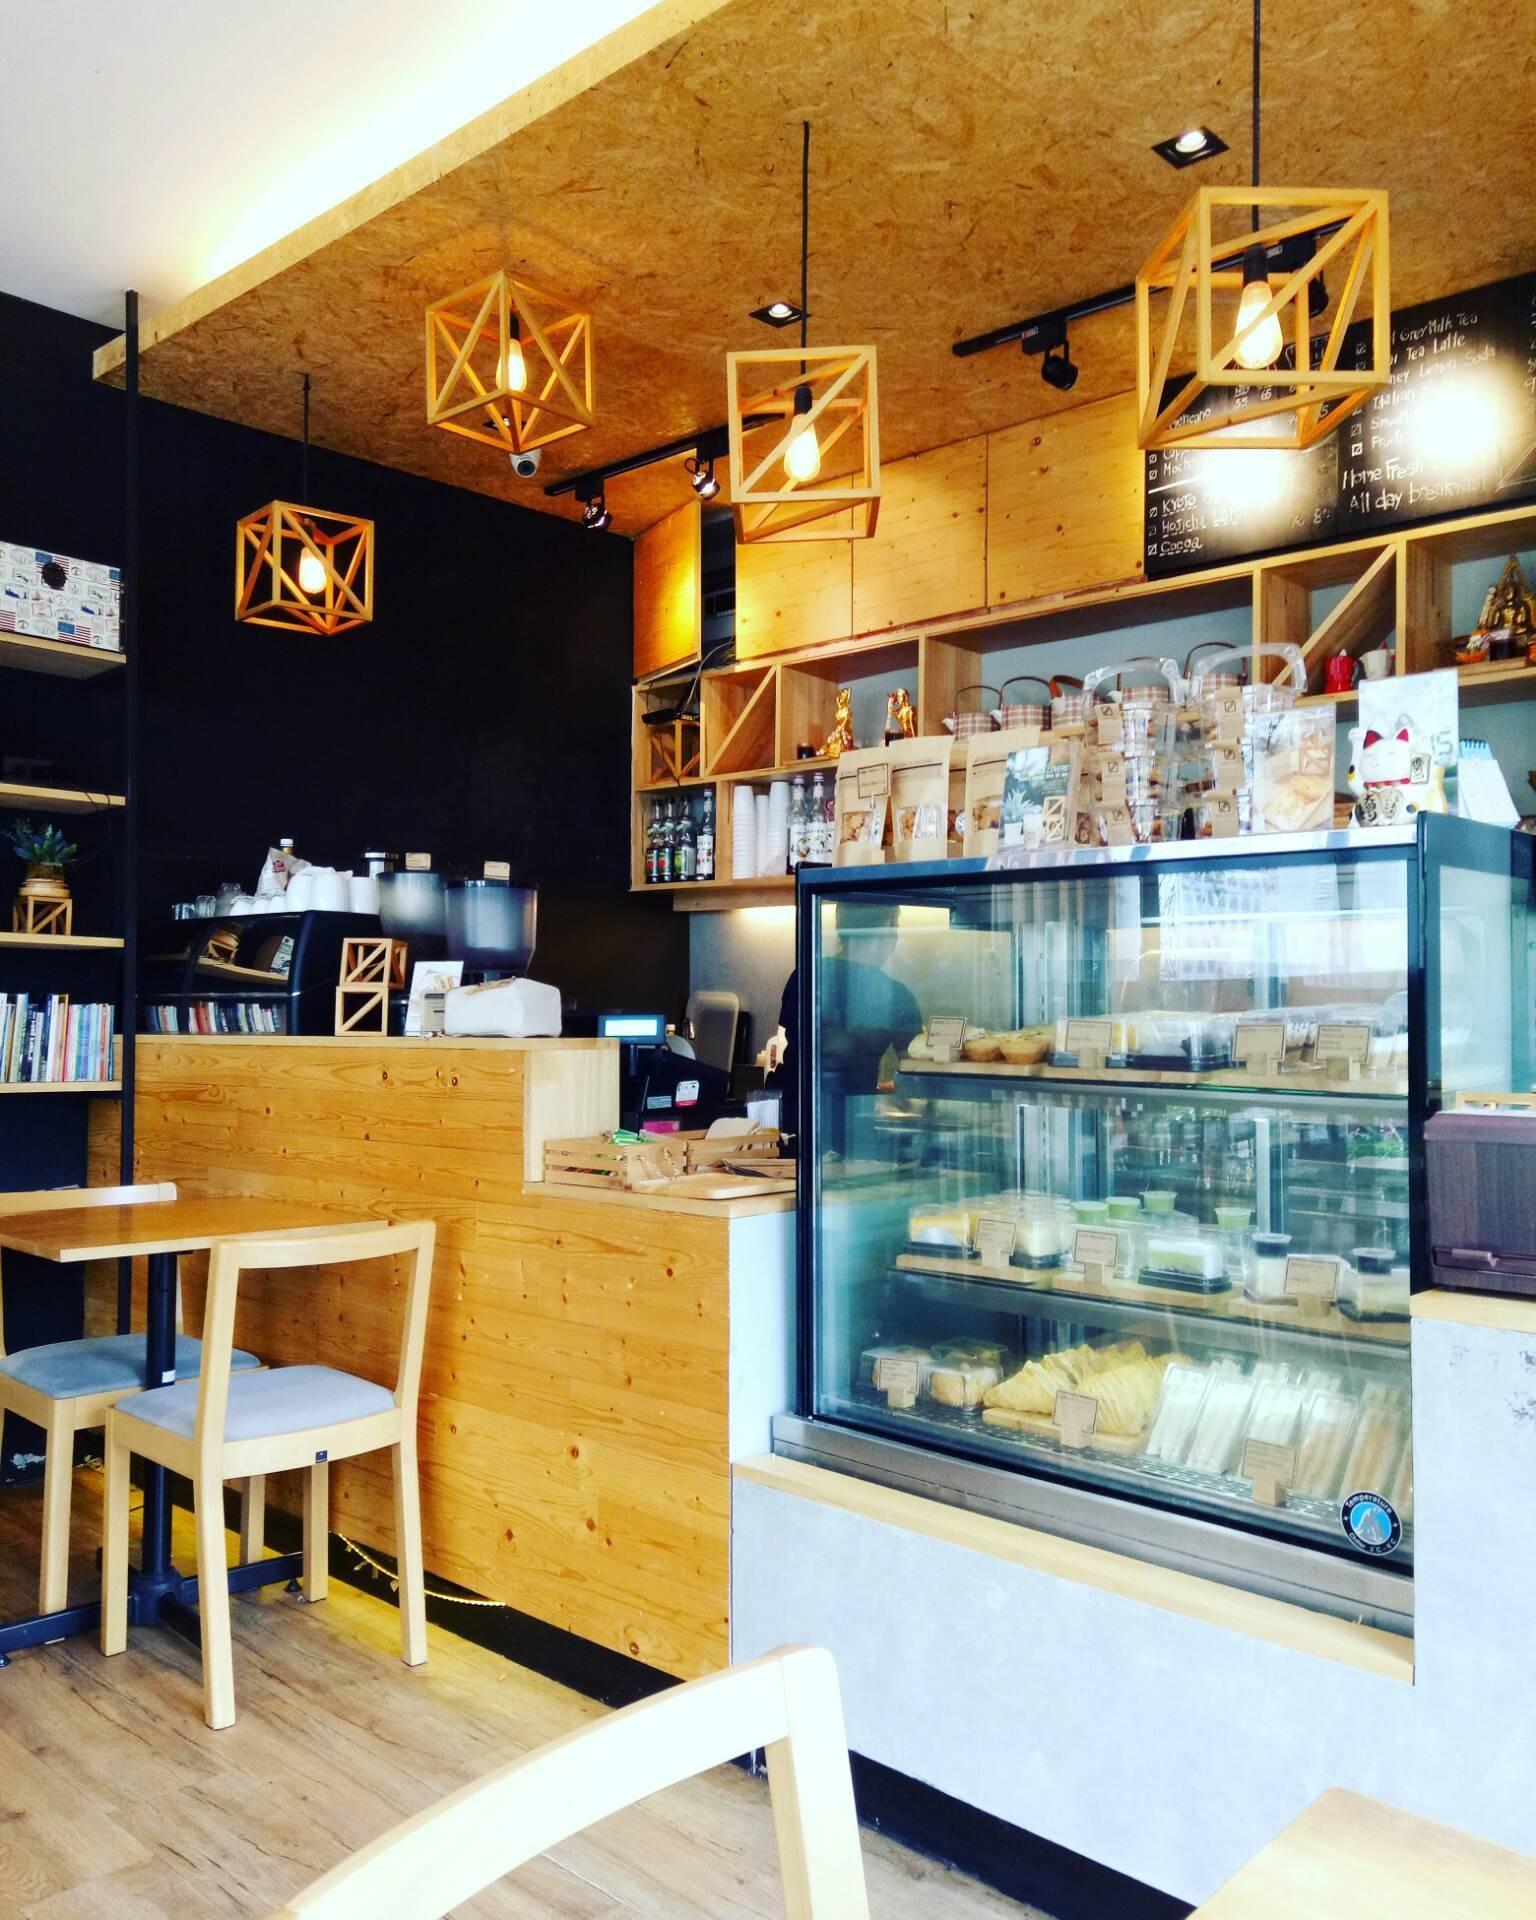 Take A Shot Coffee Bar บีทีเอส กรุงธนบุรี